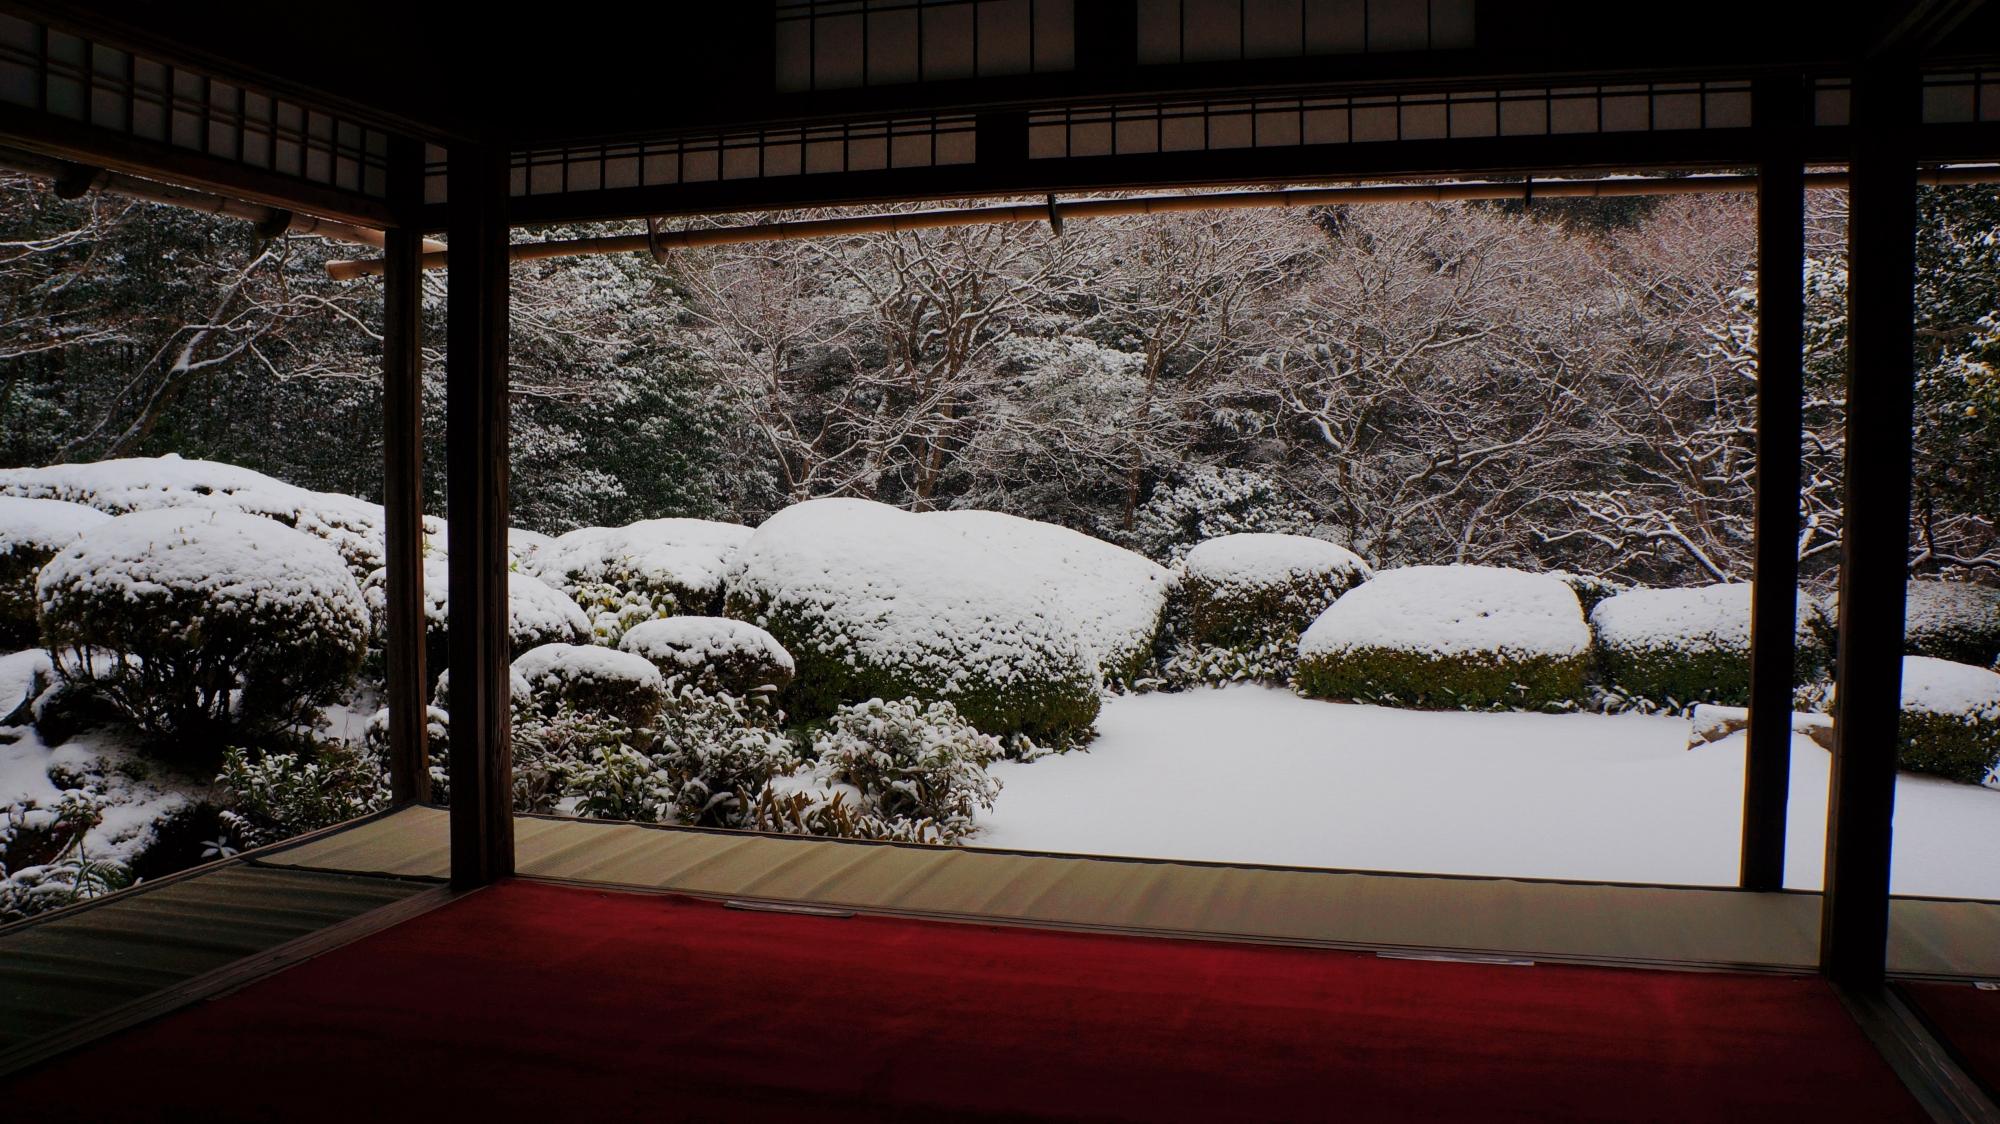 寒さも忘れる雪の詩仙堂